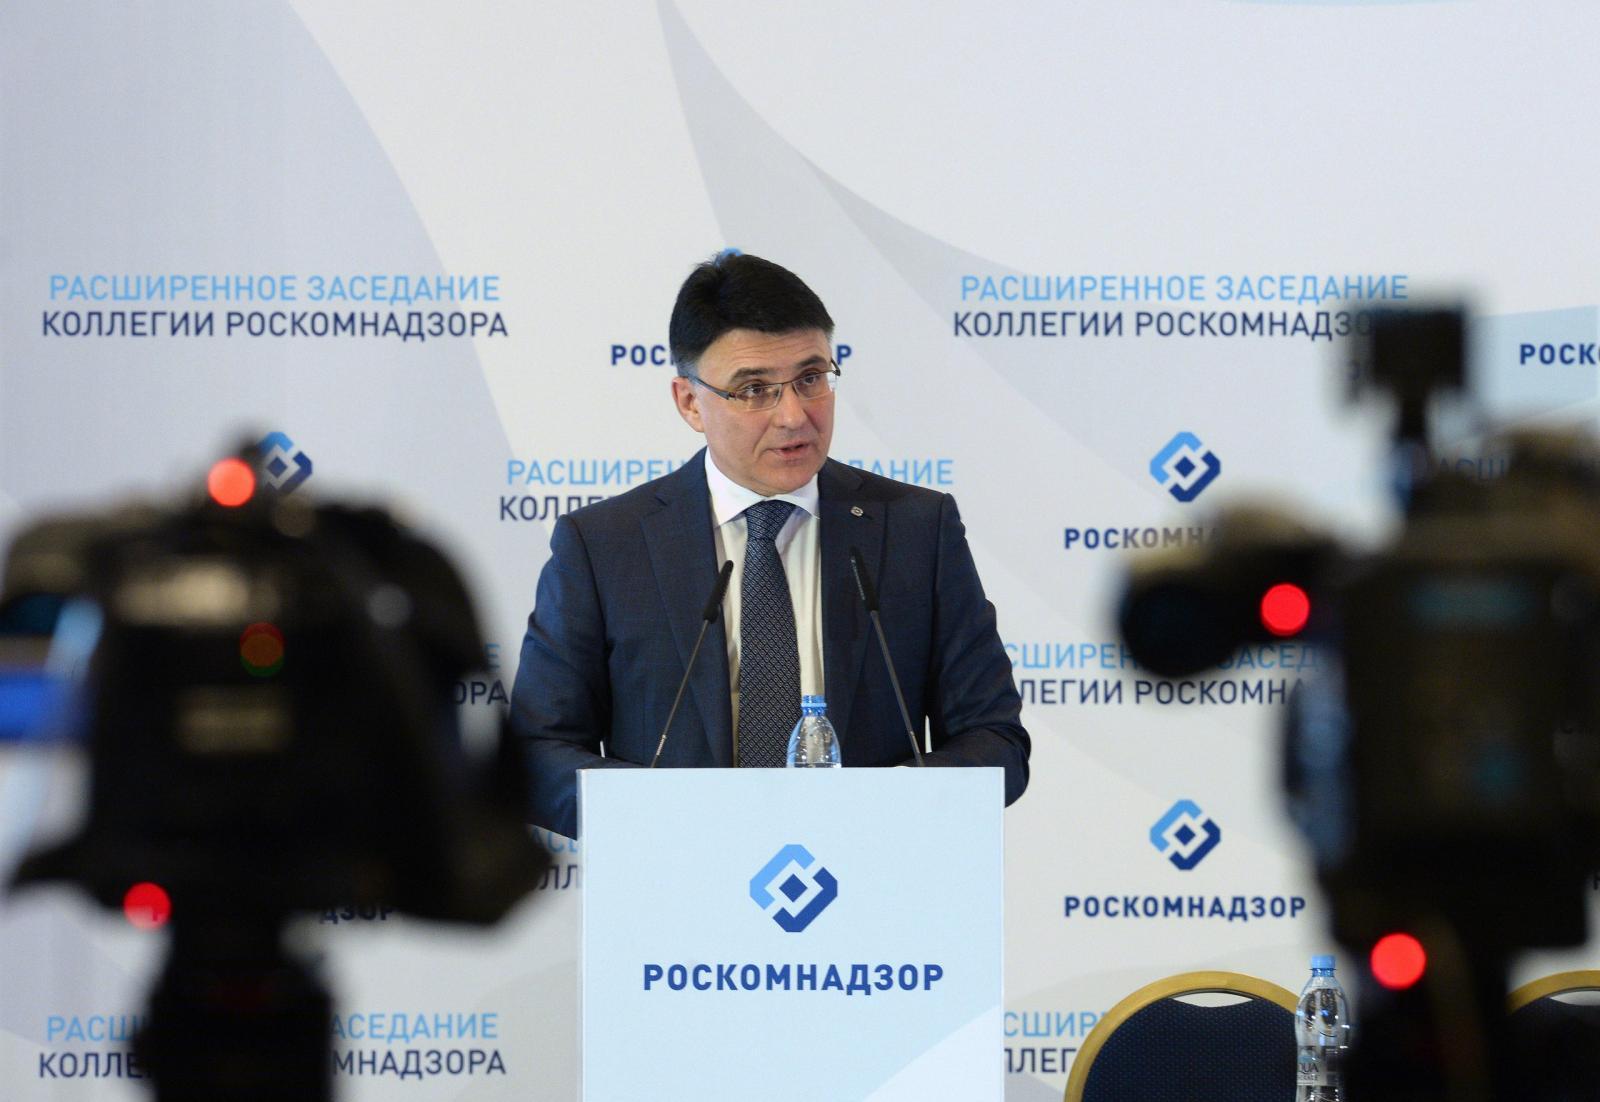 Роскомнадзор позволил простым россиянам пользоваться Telegram